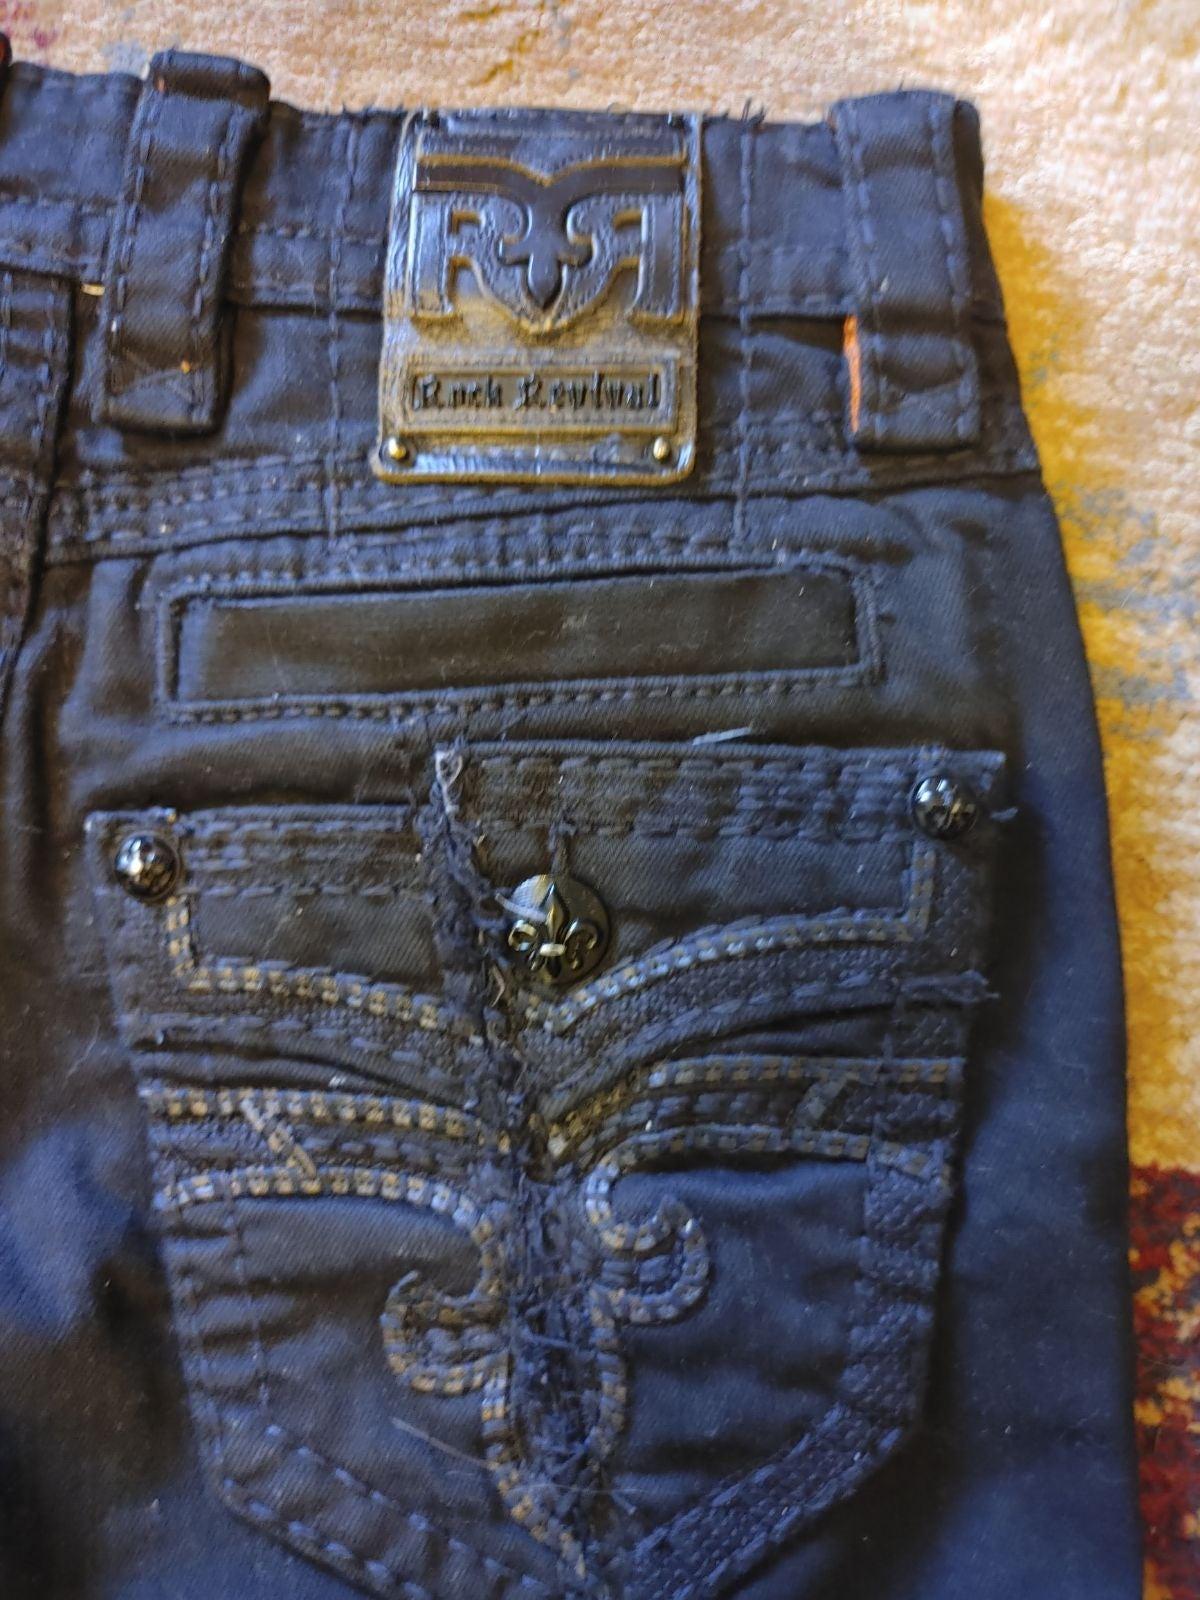 NWOT Men's Rock Revival Jeans Size 29x30